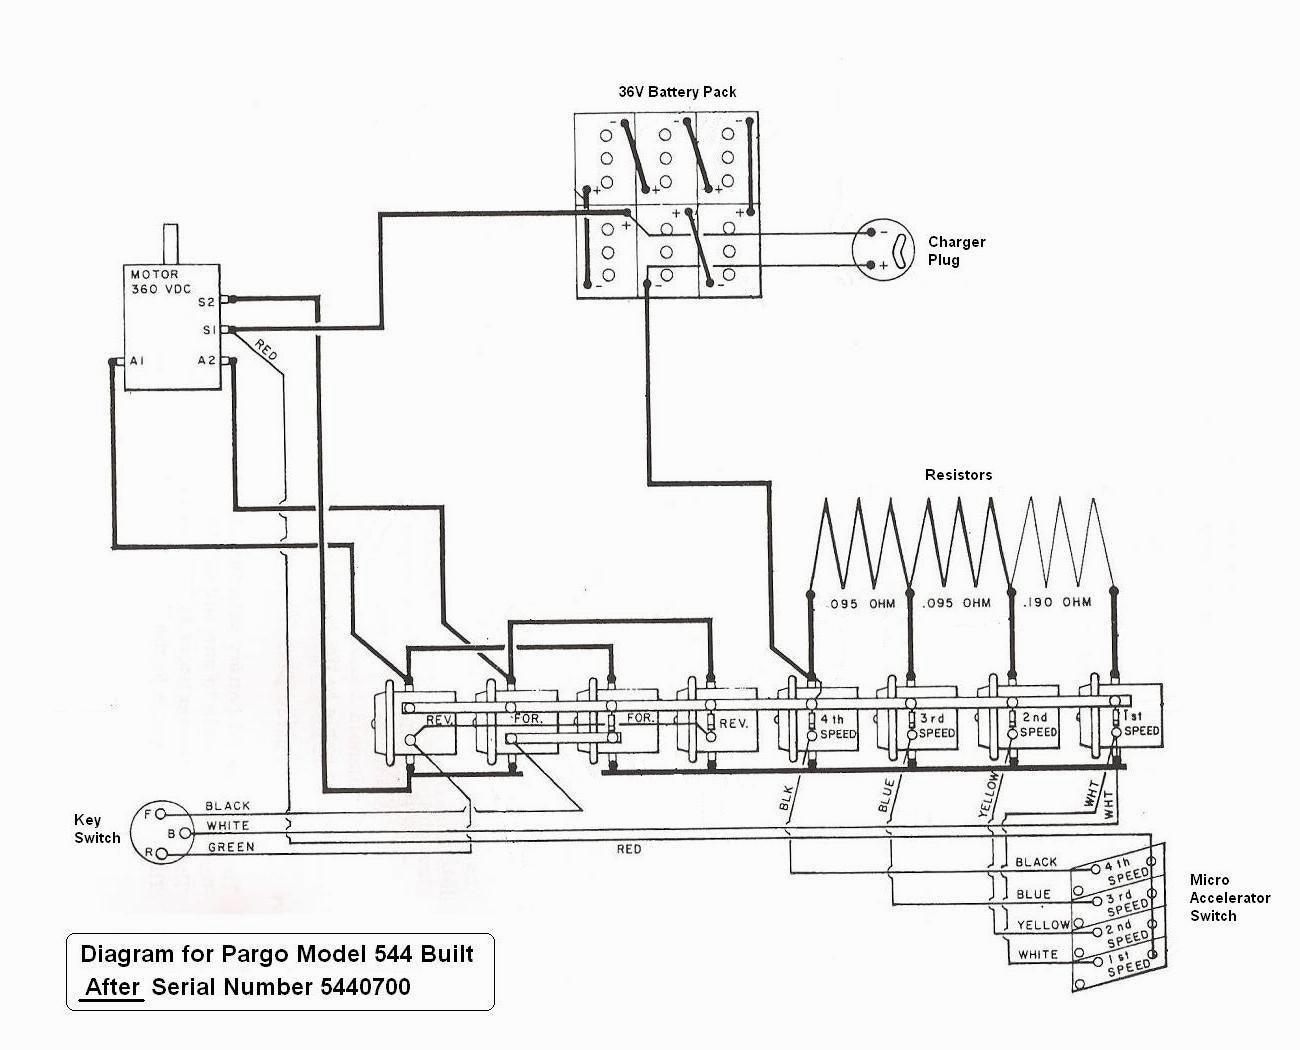 Yamaha G1 Golf Cart Wiring Diagram / 09680 Yamaha G1 Gas